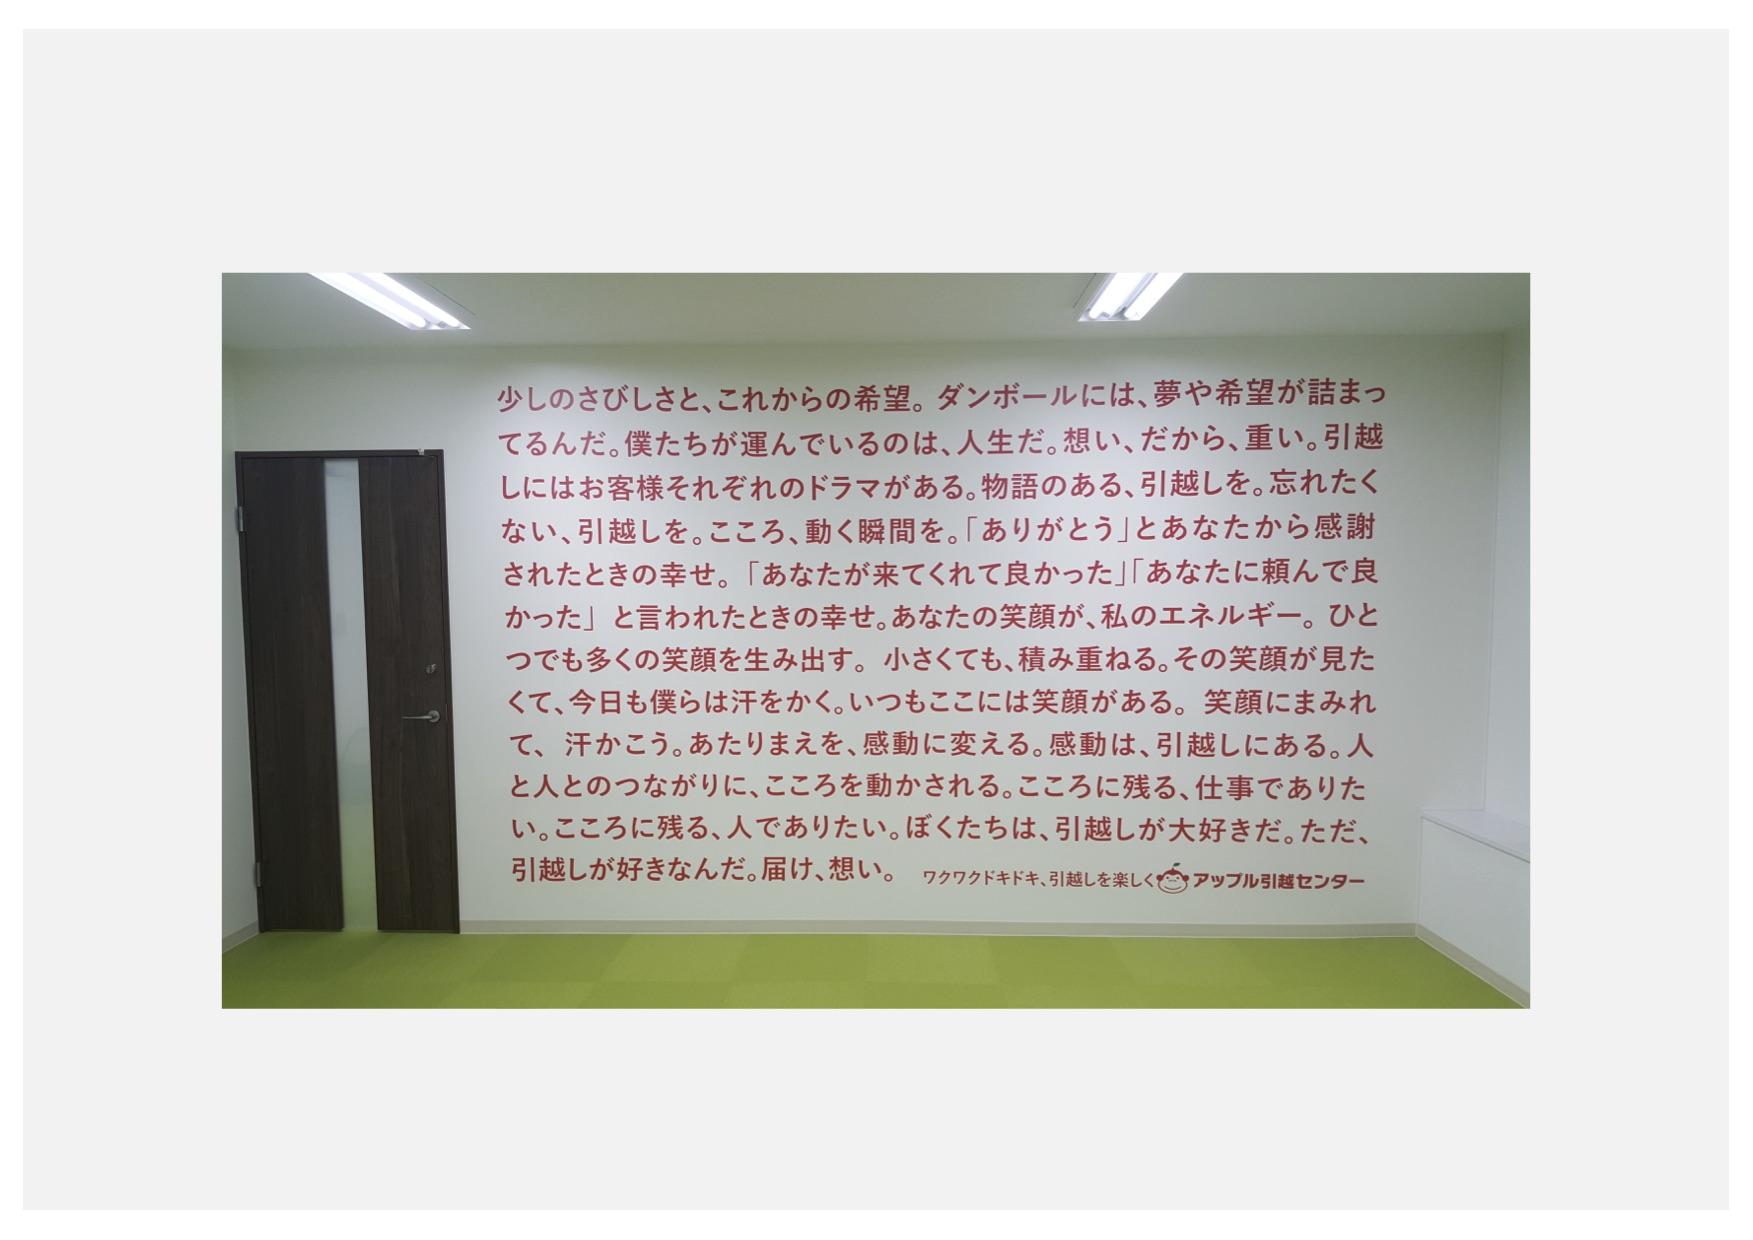 ▲大阪本社の壁に印字された言葉たちが、熱量をもって社員や来訪者を迎える。